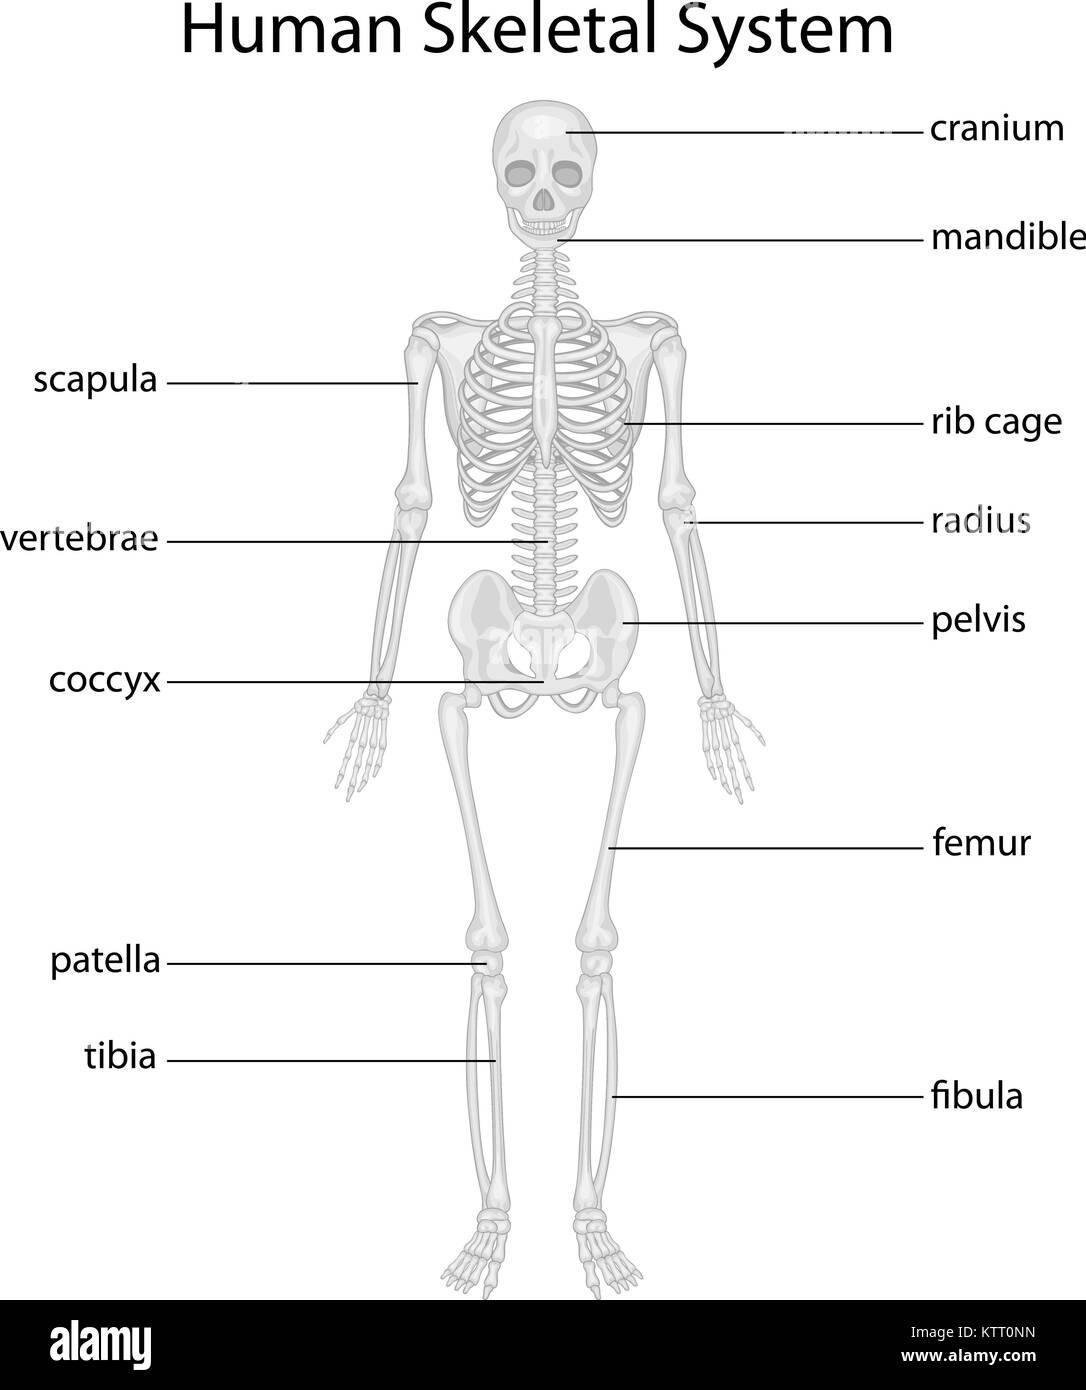 Großzügig Das Skelettsystem Diagramm Etikettiert Bilder ...